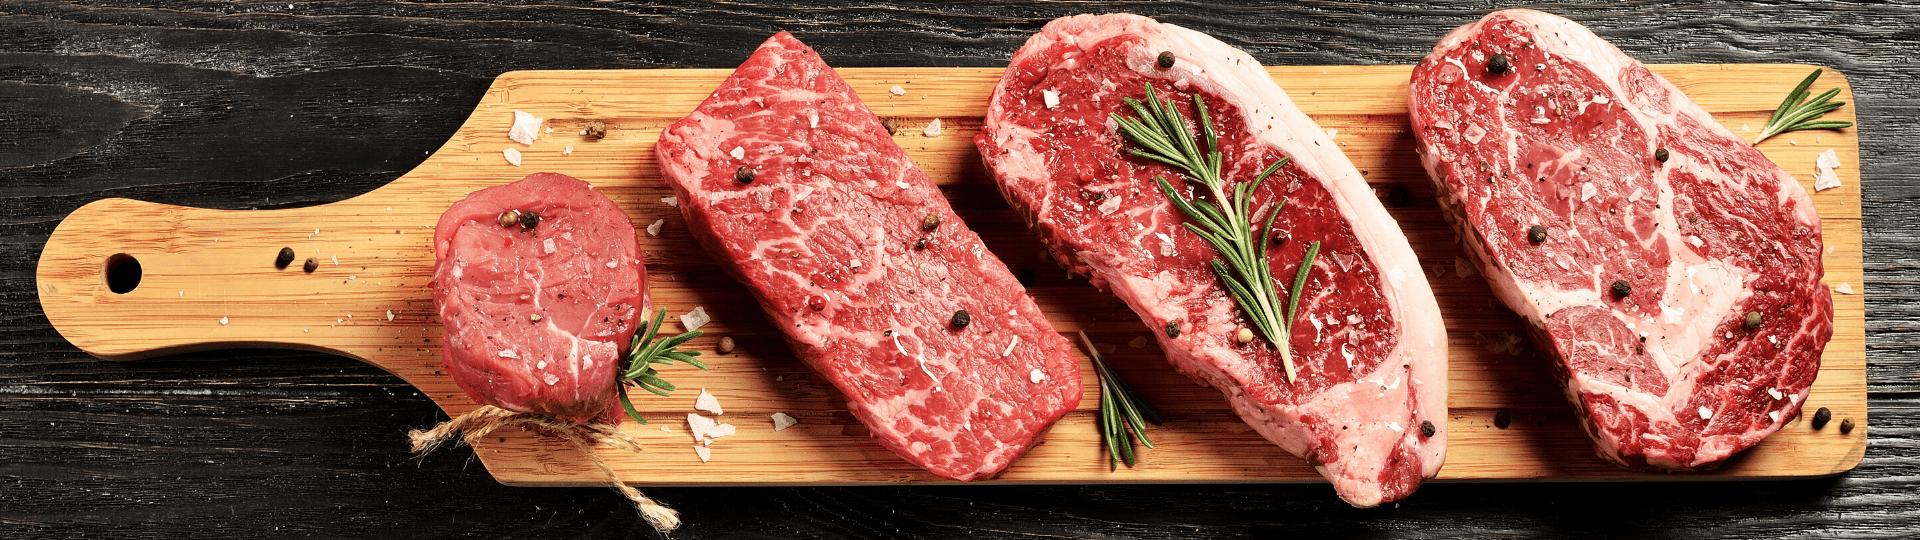 Rindfleisch-Produkte